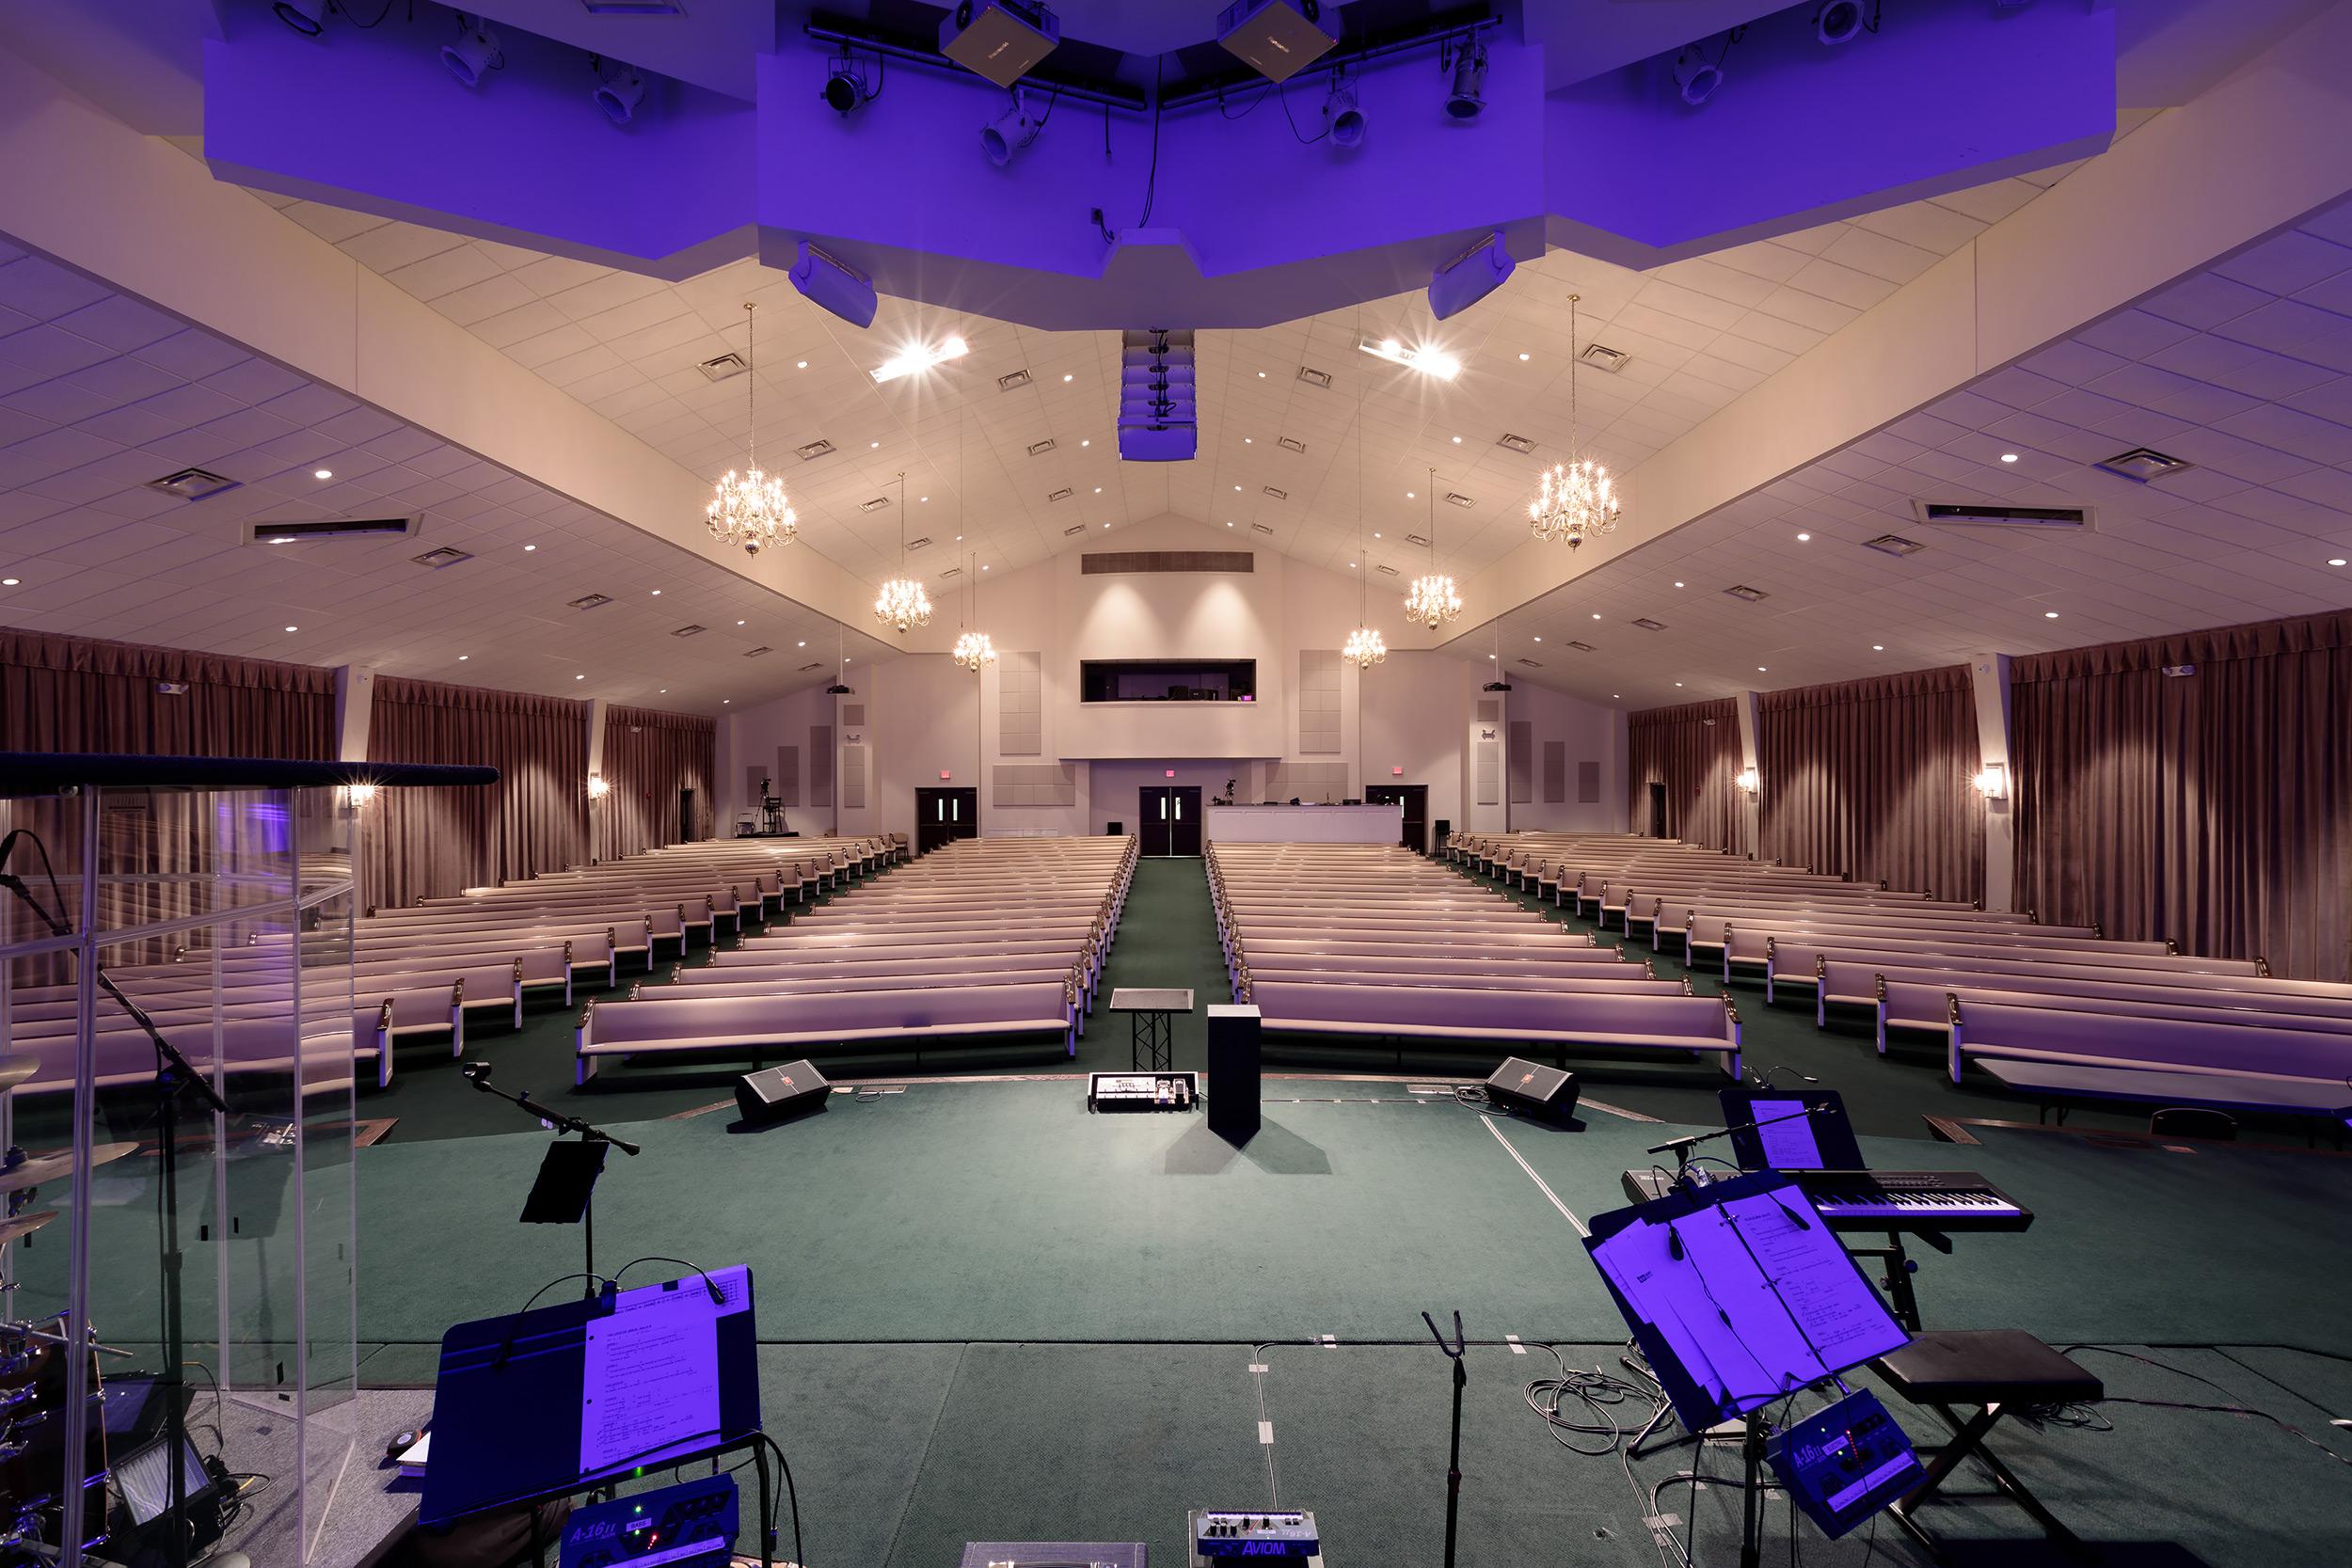 20180307-Worship-Center-Lighting-015.jpg